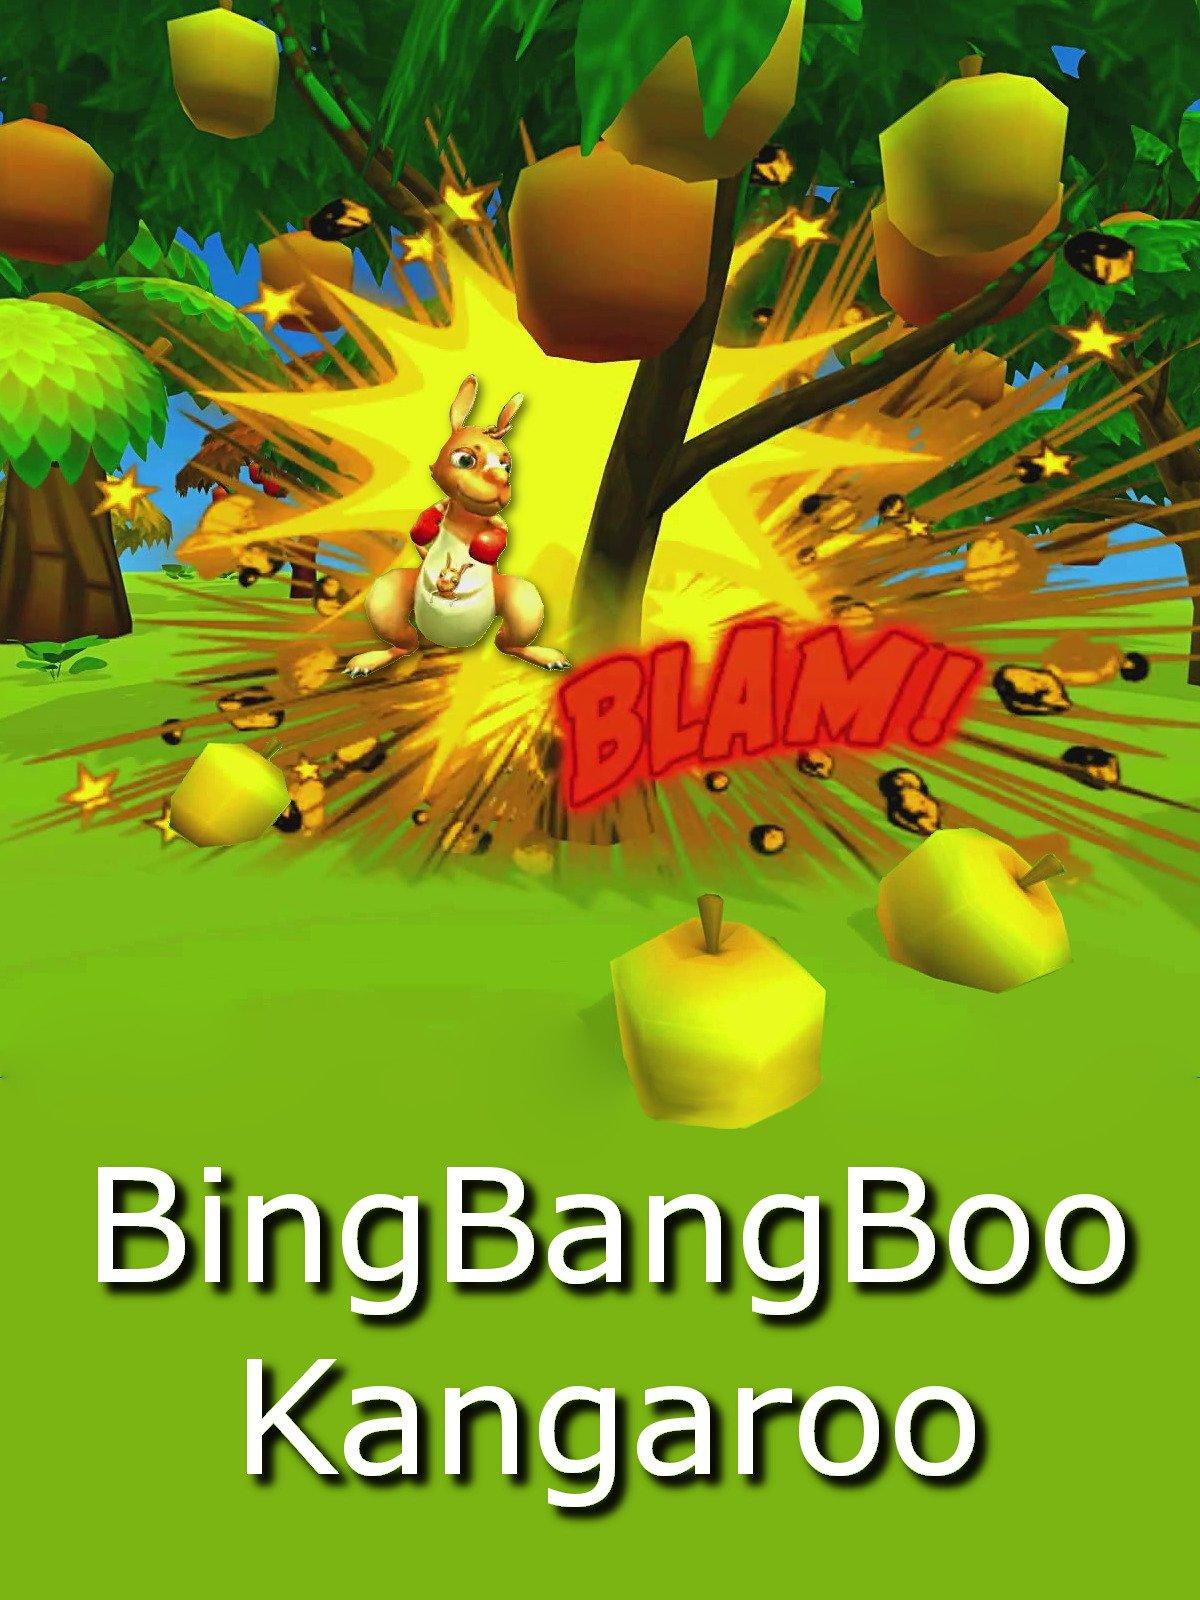 BingBangBoo Kangaroo